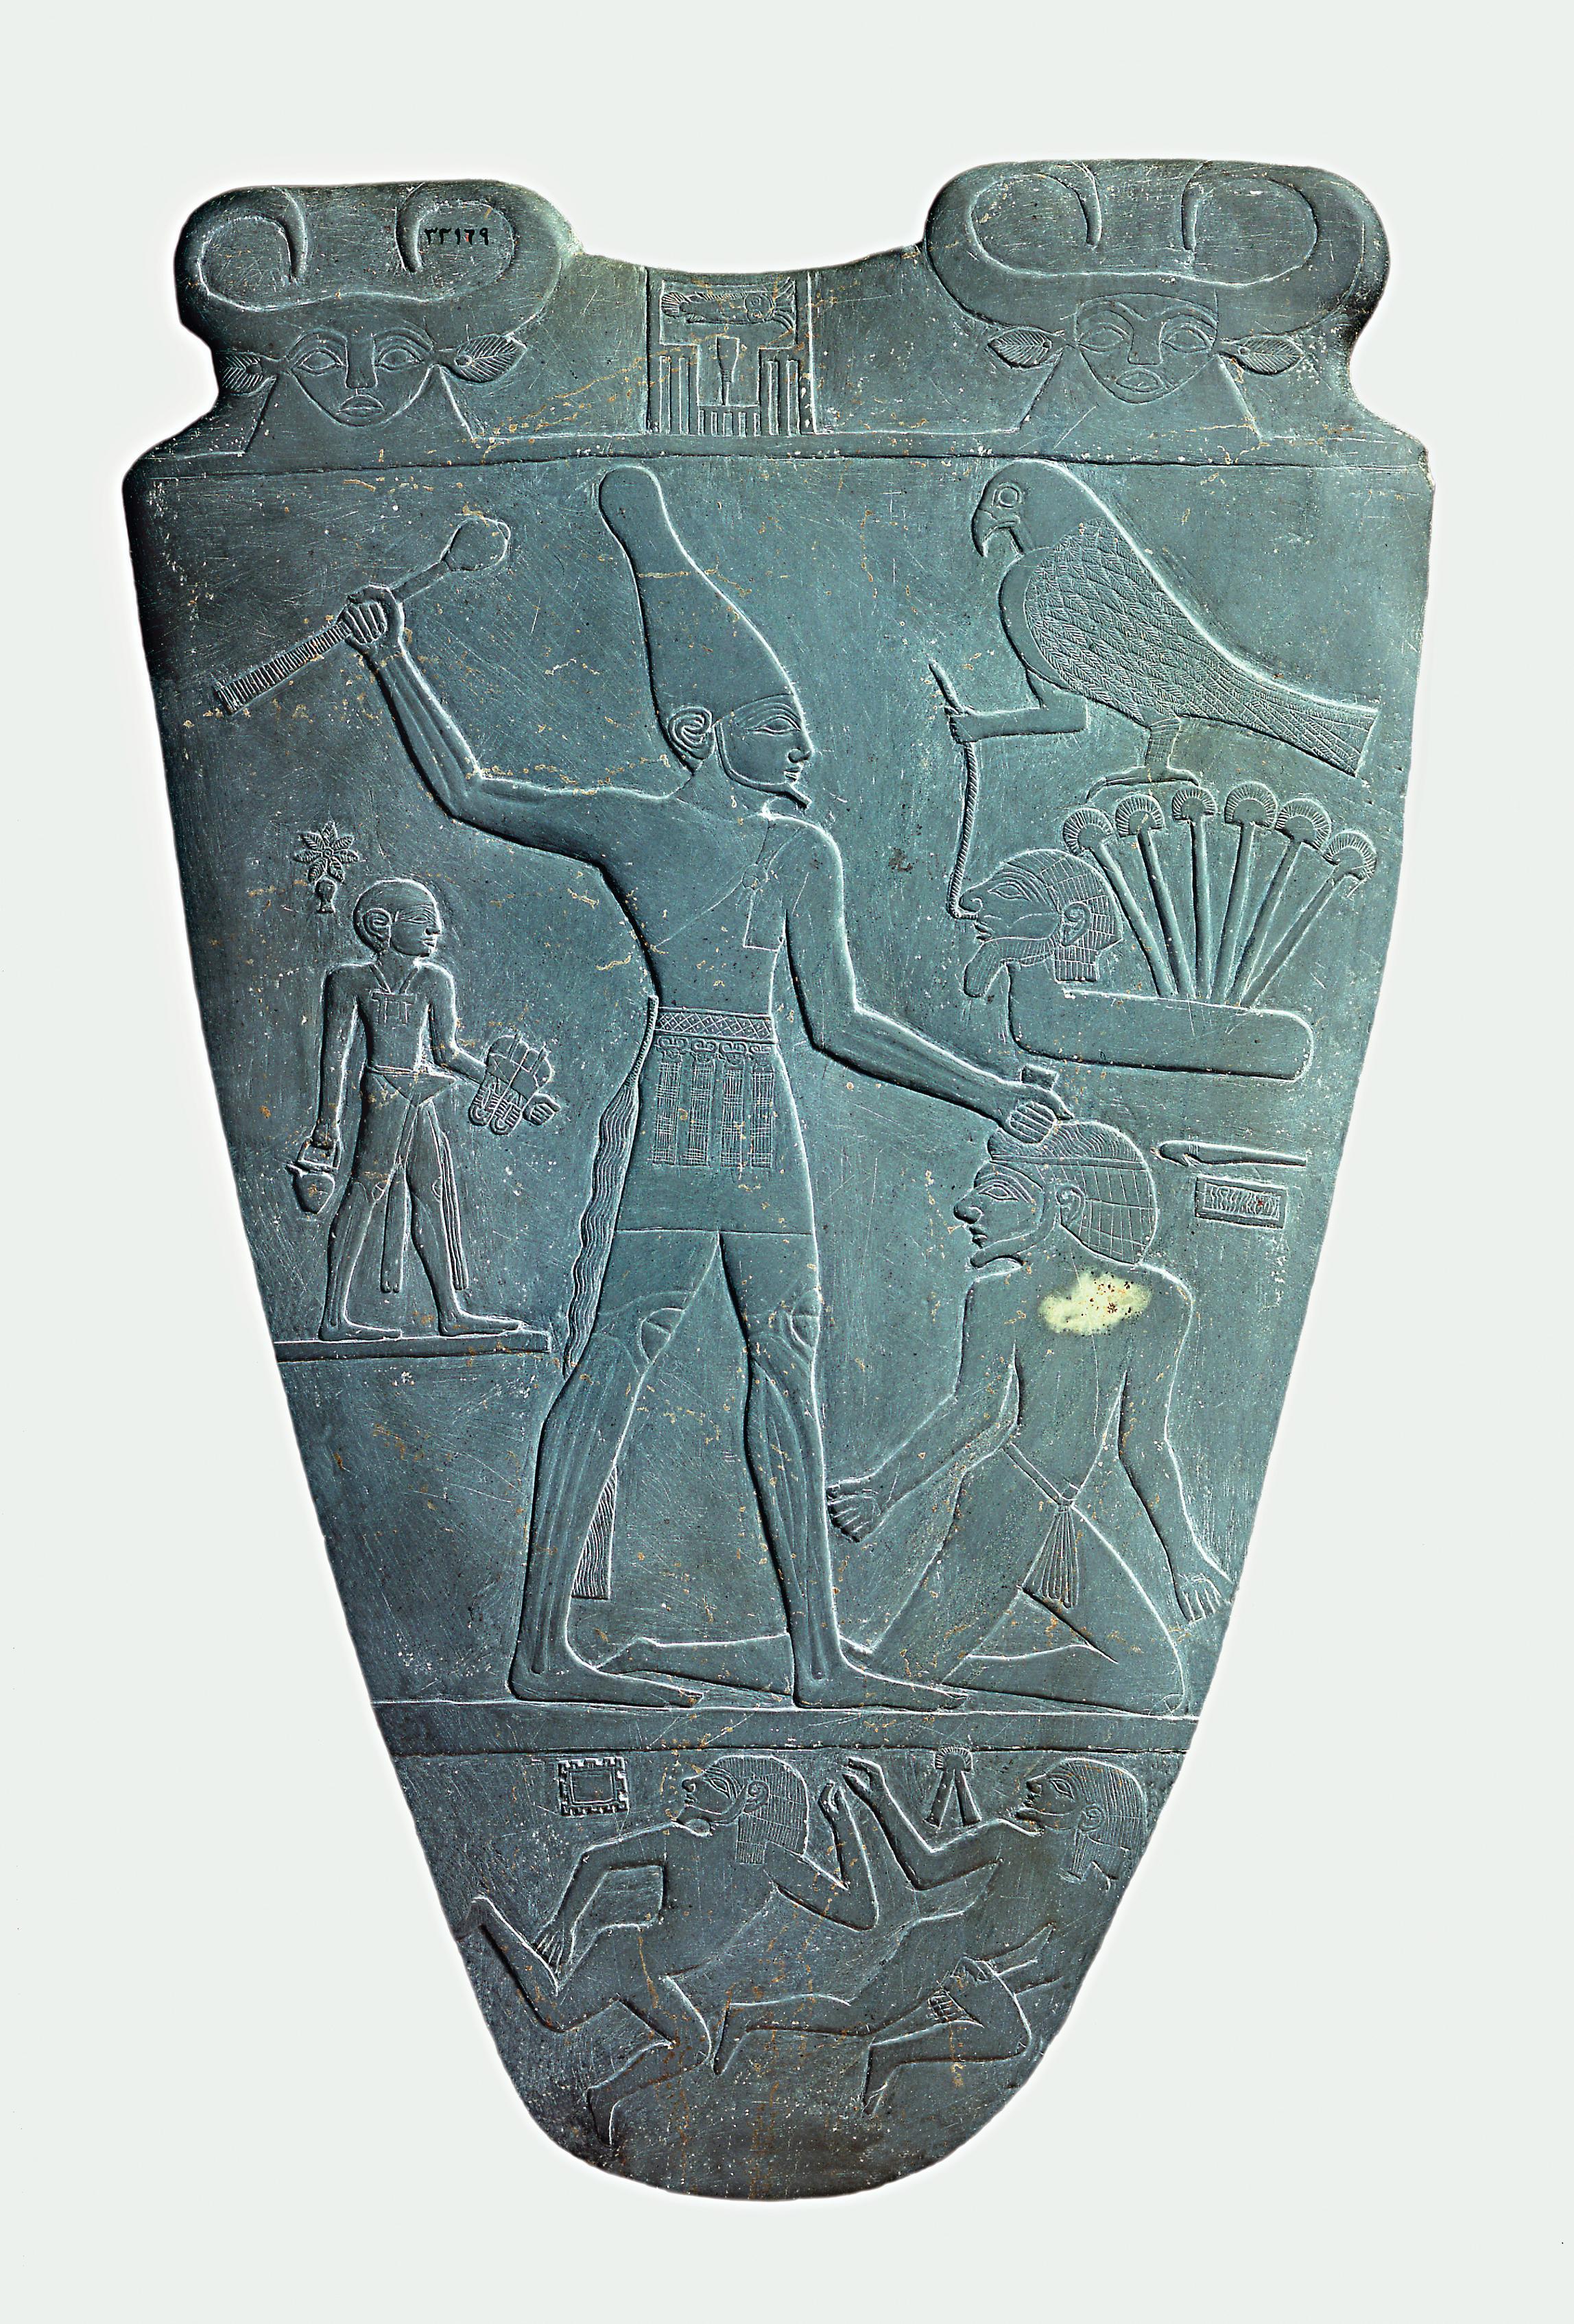 上图:主前31世纪的纳美尔石版(Narmer Palette)的正面,描绘统一了上下埃及的纳美尔头戴上埃及王冠,正要用权杖打破敌人的头,这个姿势后来成为埃及表现征服者的经典艺术形象。纳美尔石版是一个双面盾形的浮雕石板,一面描述戴着上埃及王冠的纳美尔,另一面描绘了戴着下埃及王冠的纳美尔,现藏于埃及开罗博物馆。